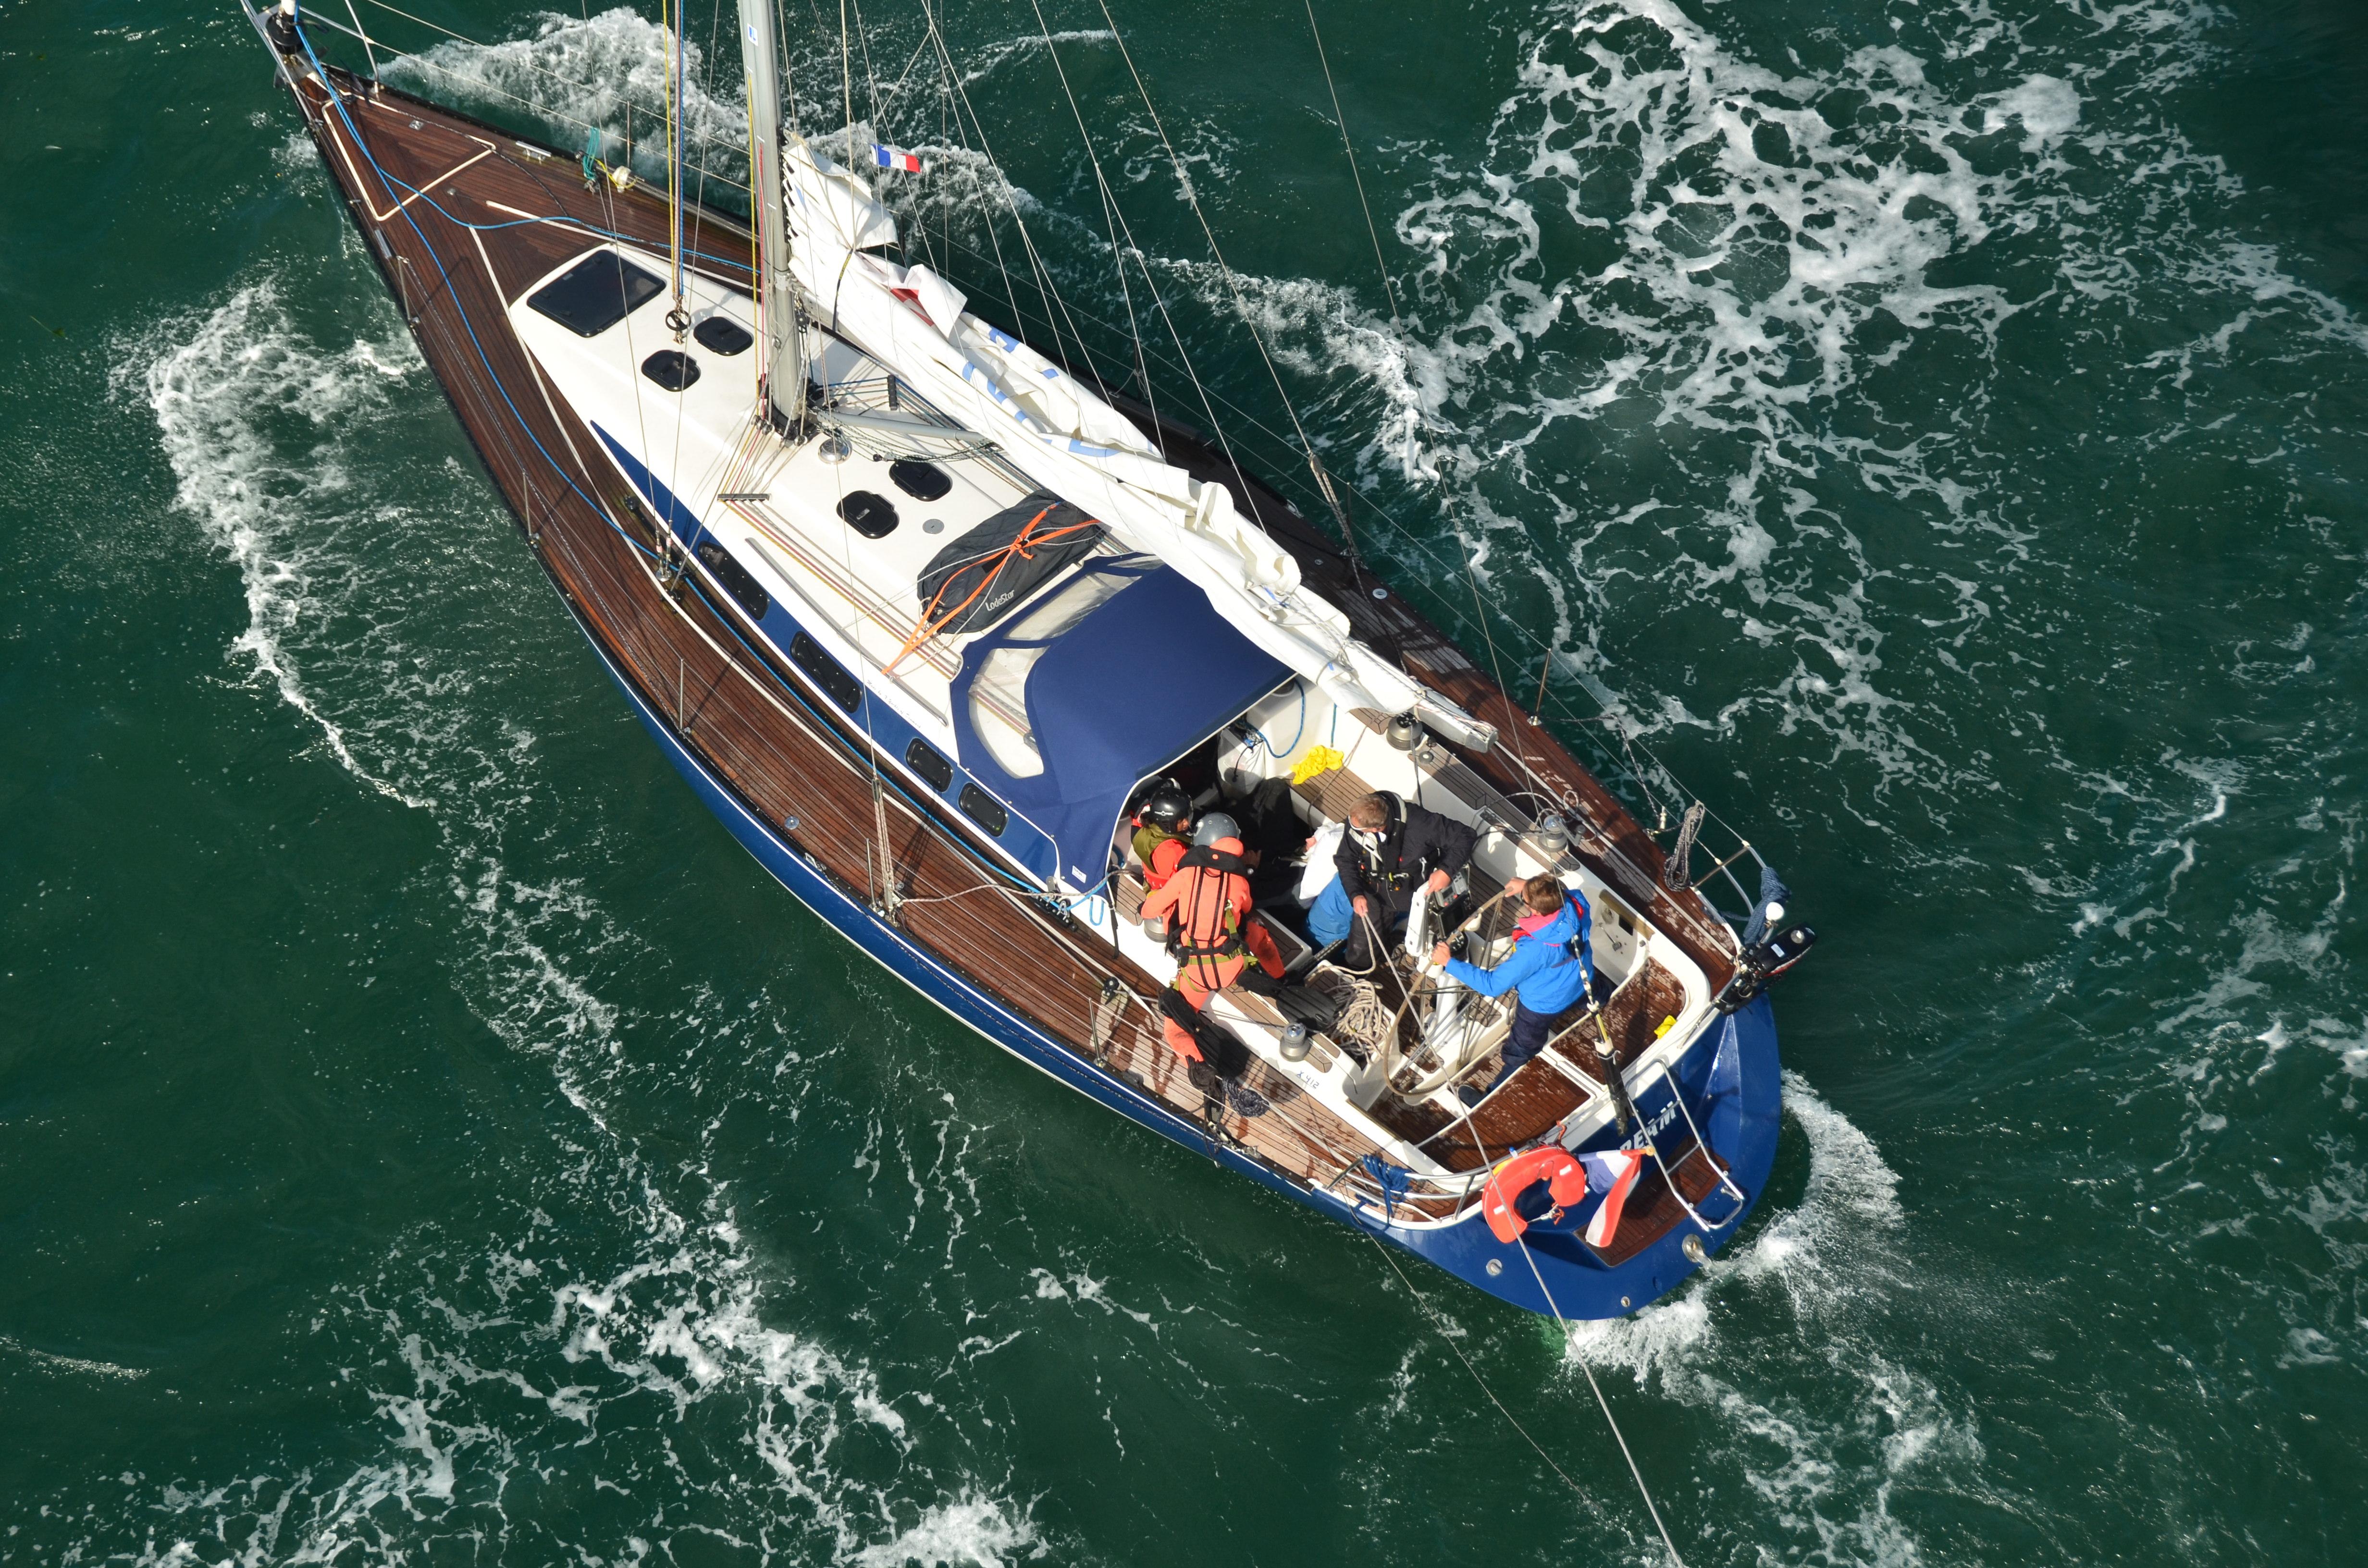 La victime se trouvait sur le X-Stream, au large de Barfleur. Il a été hélitreuillé à bord de l'appareil de la Marine pour être transporté au CHU de Caen (Photo de l'intervention des secours : Marine nationale)